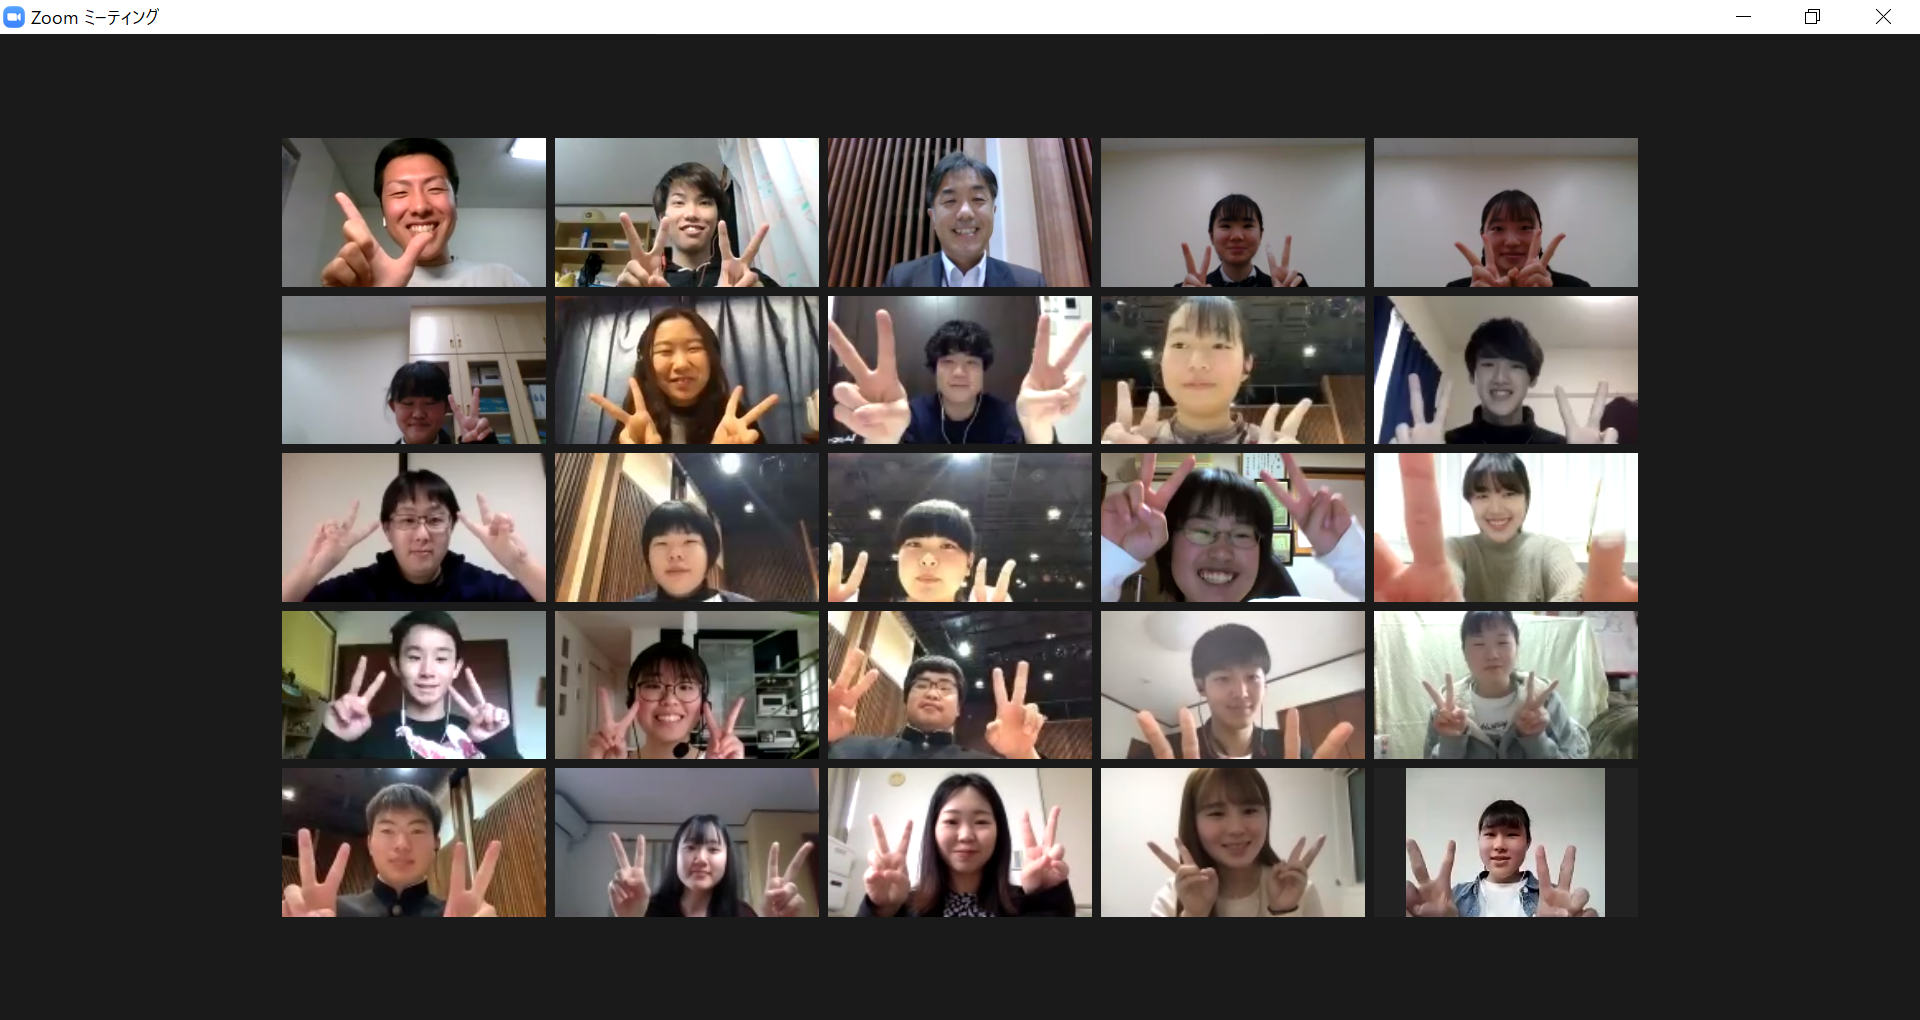 【開催報告】会津★夢☆発見プロジェクト~中学生の部~を開催しました